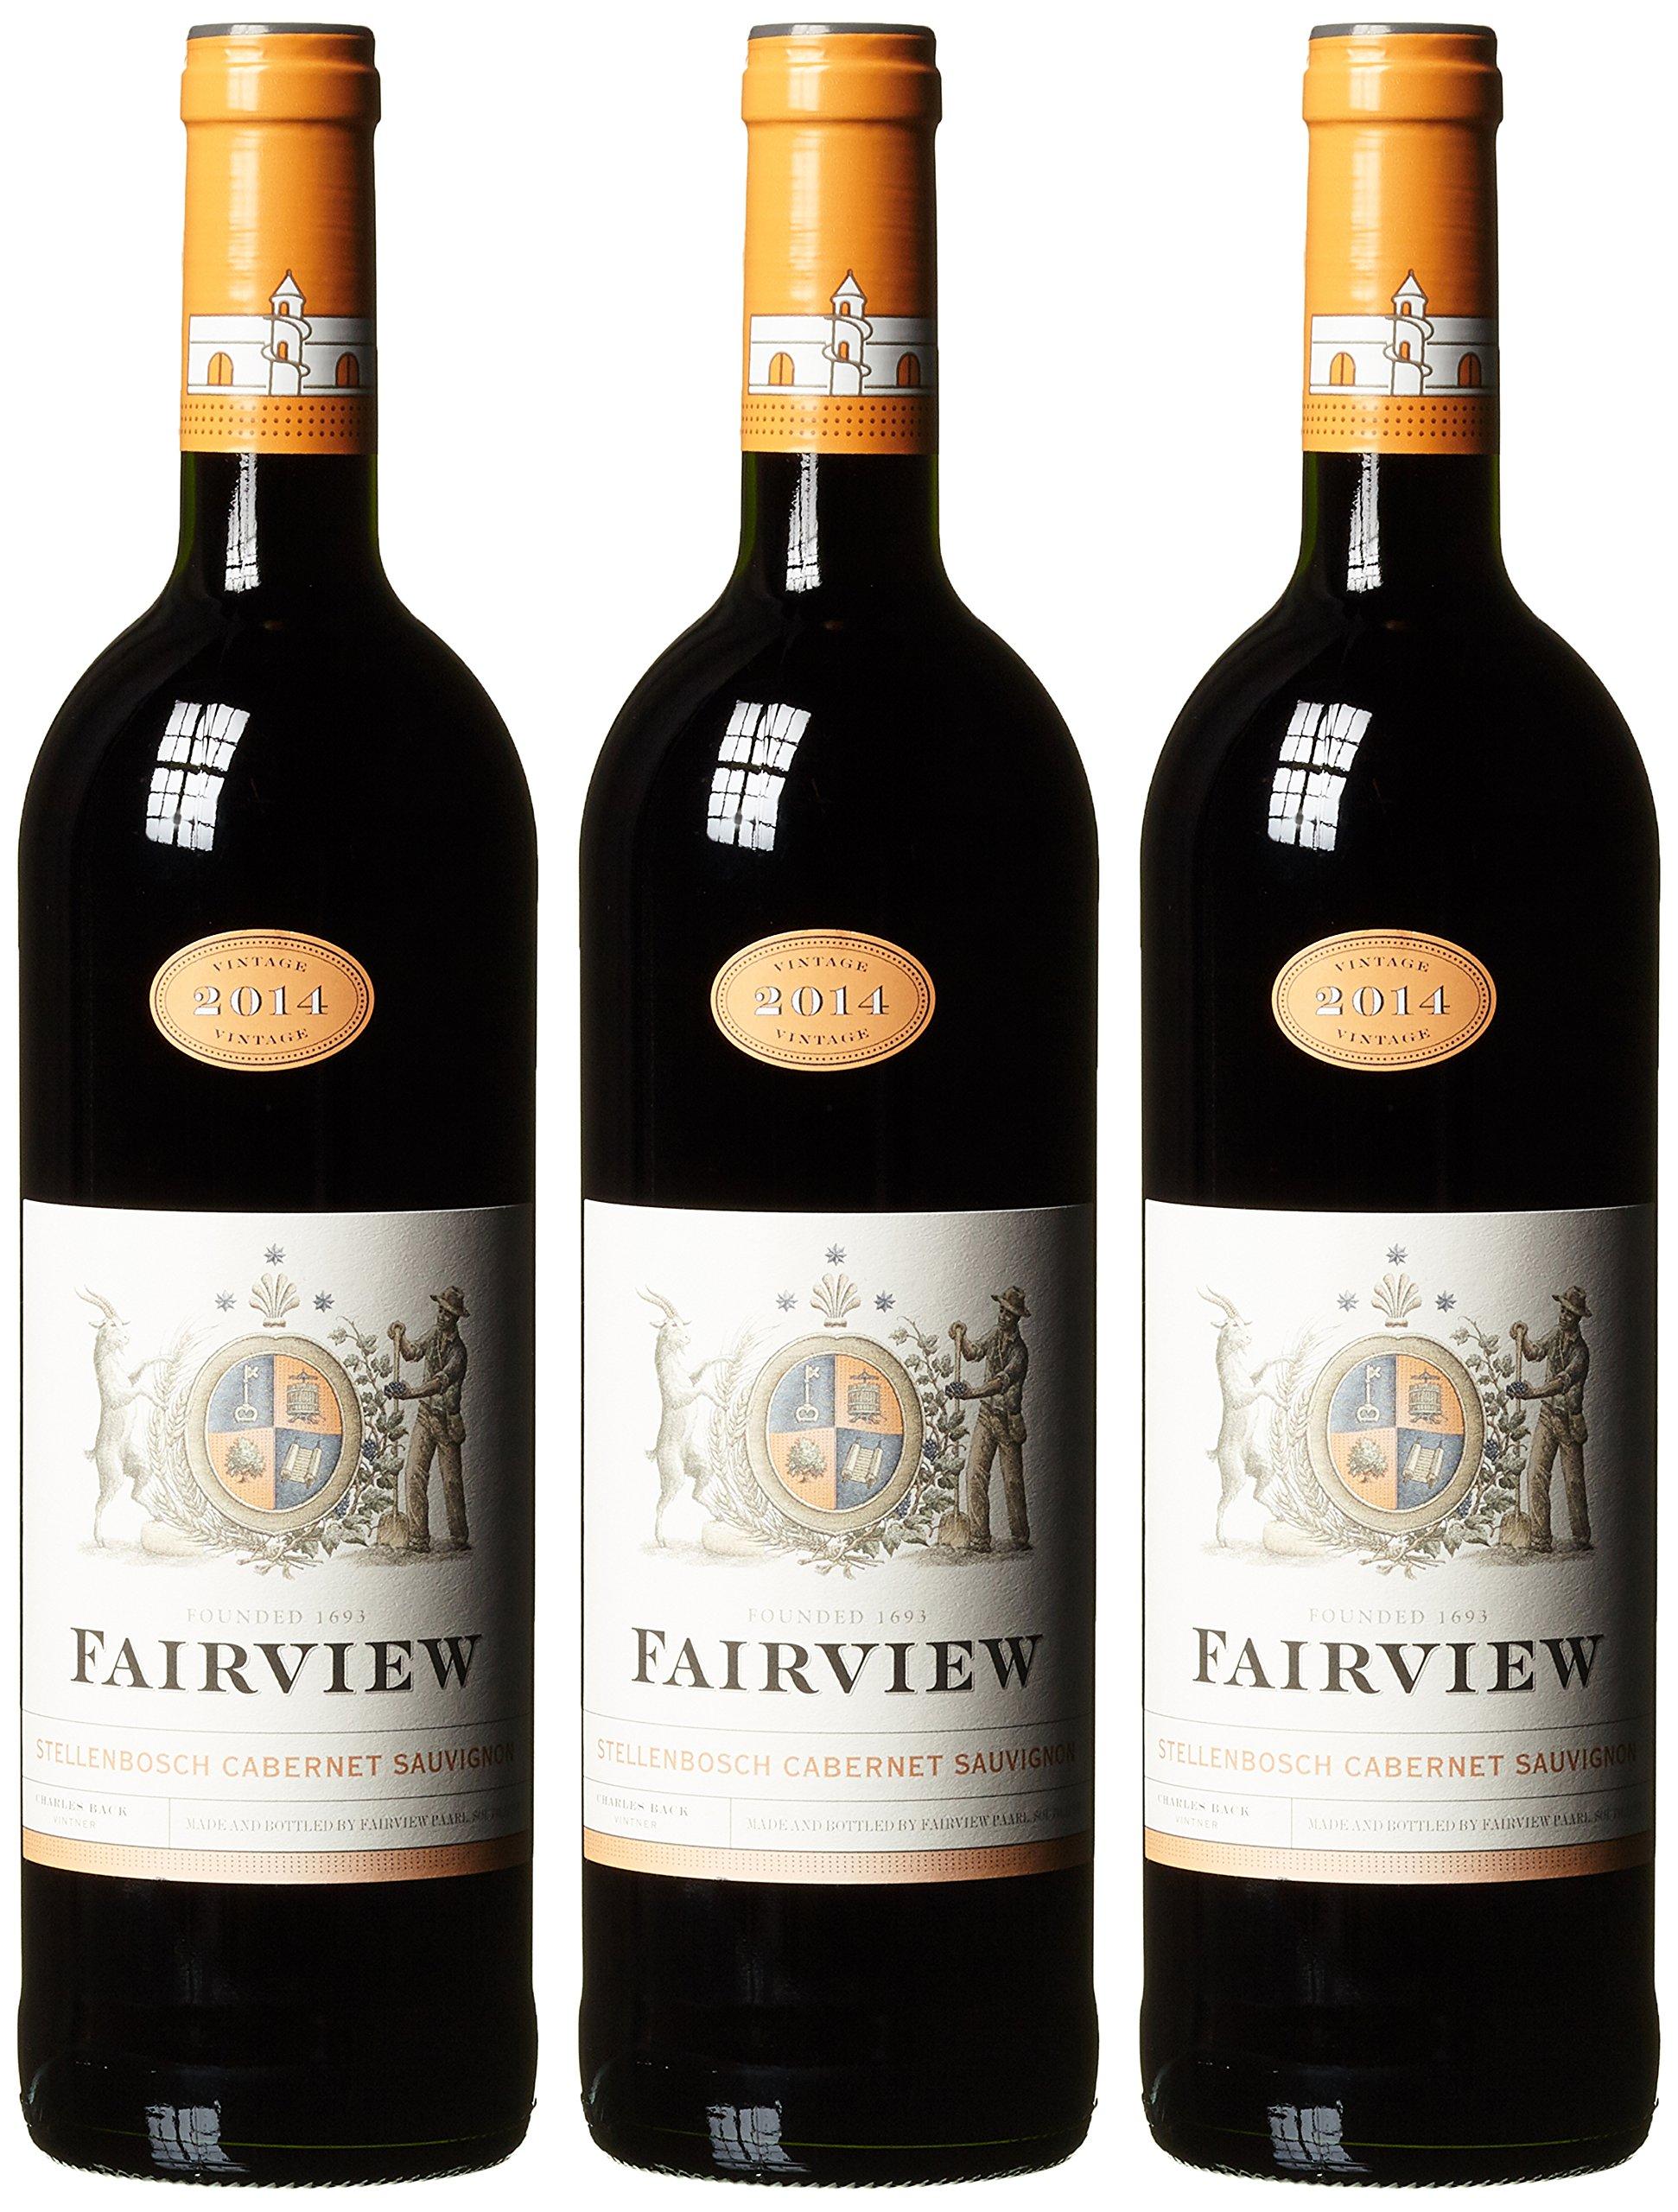 Fairview-Wines-Cabernet-Sauvignon-20112014-trocken-3-x-075-l